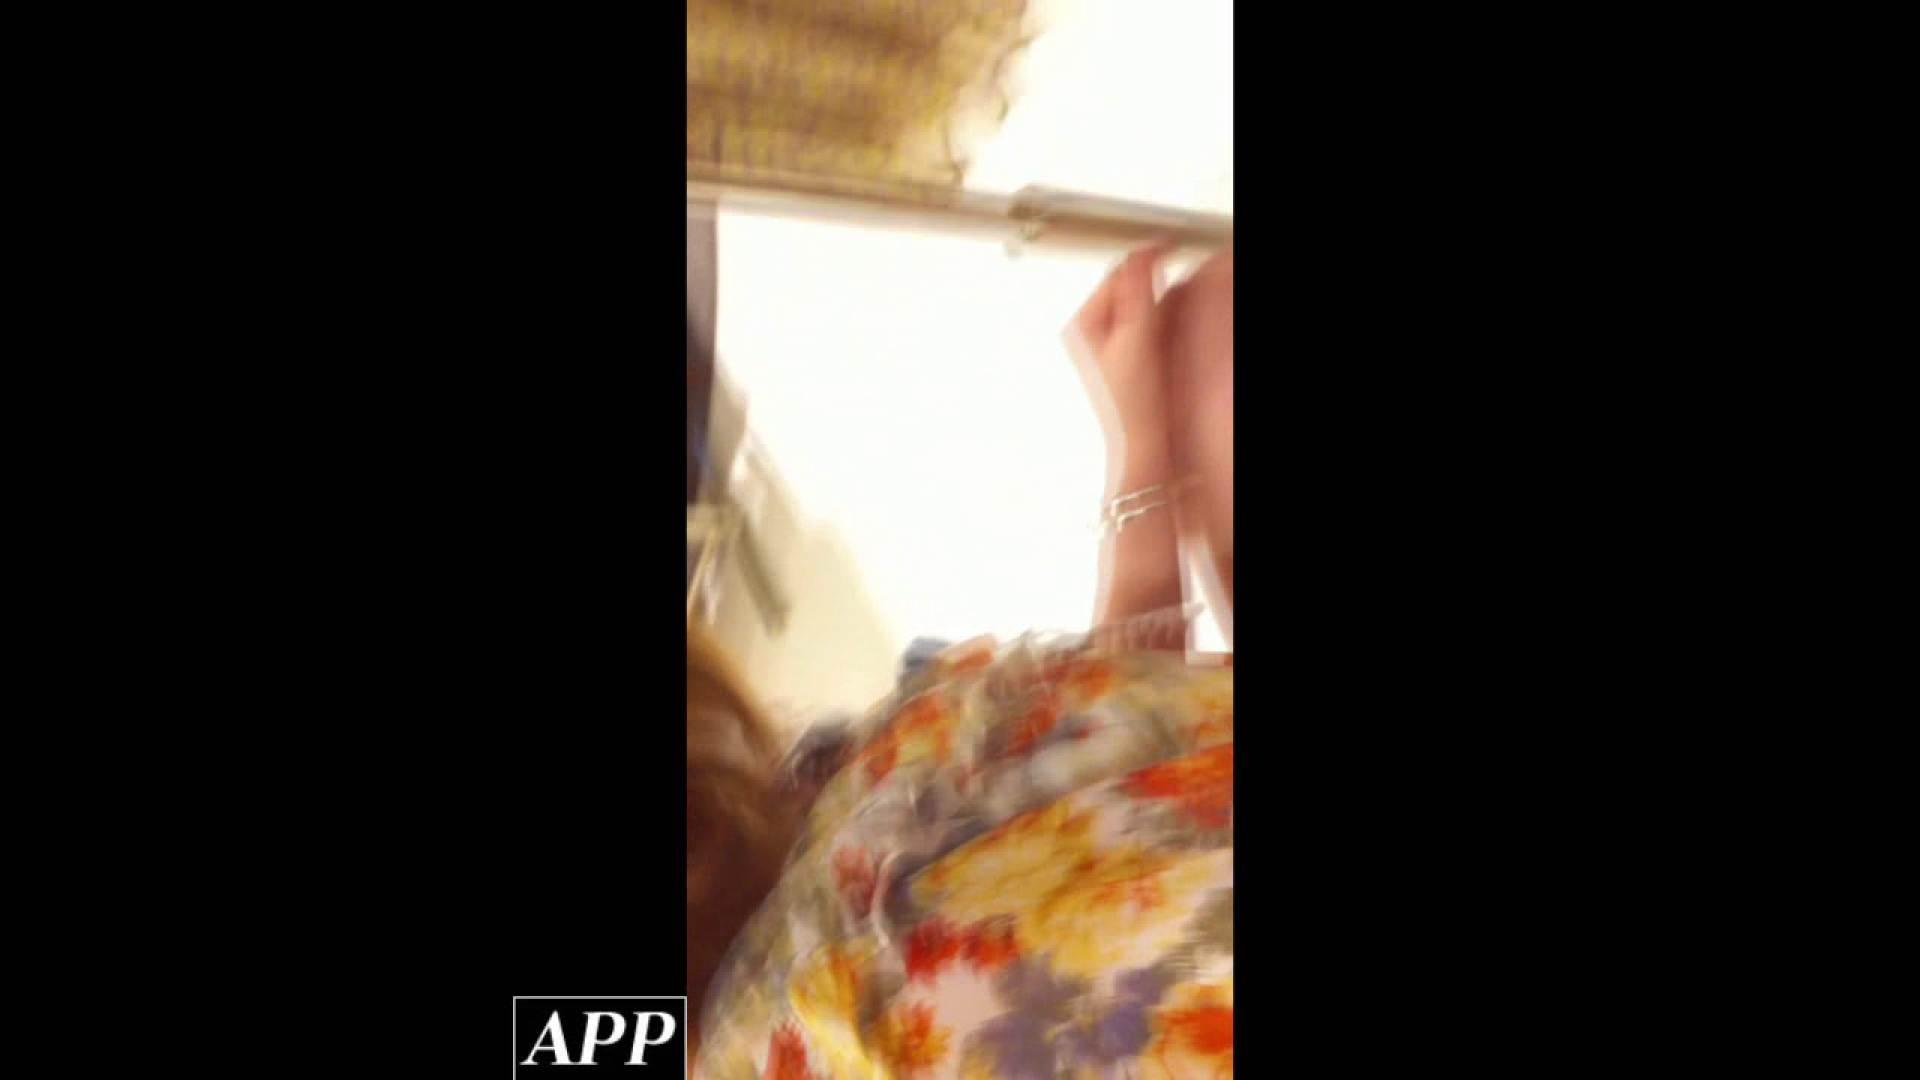 ハイビジョン盗撮!ショップ店員千人斬り!胸チラ編 vol.85 盗撮特集 | チクビ  57画像 11